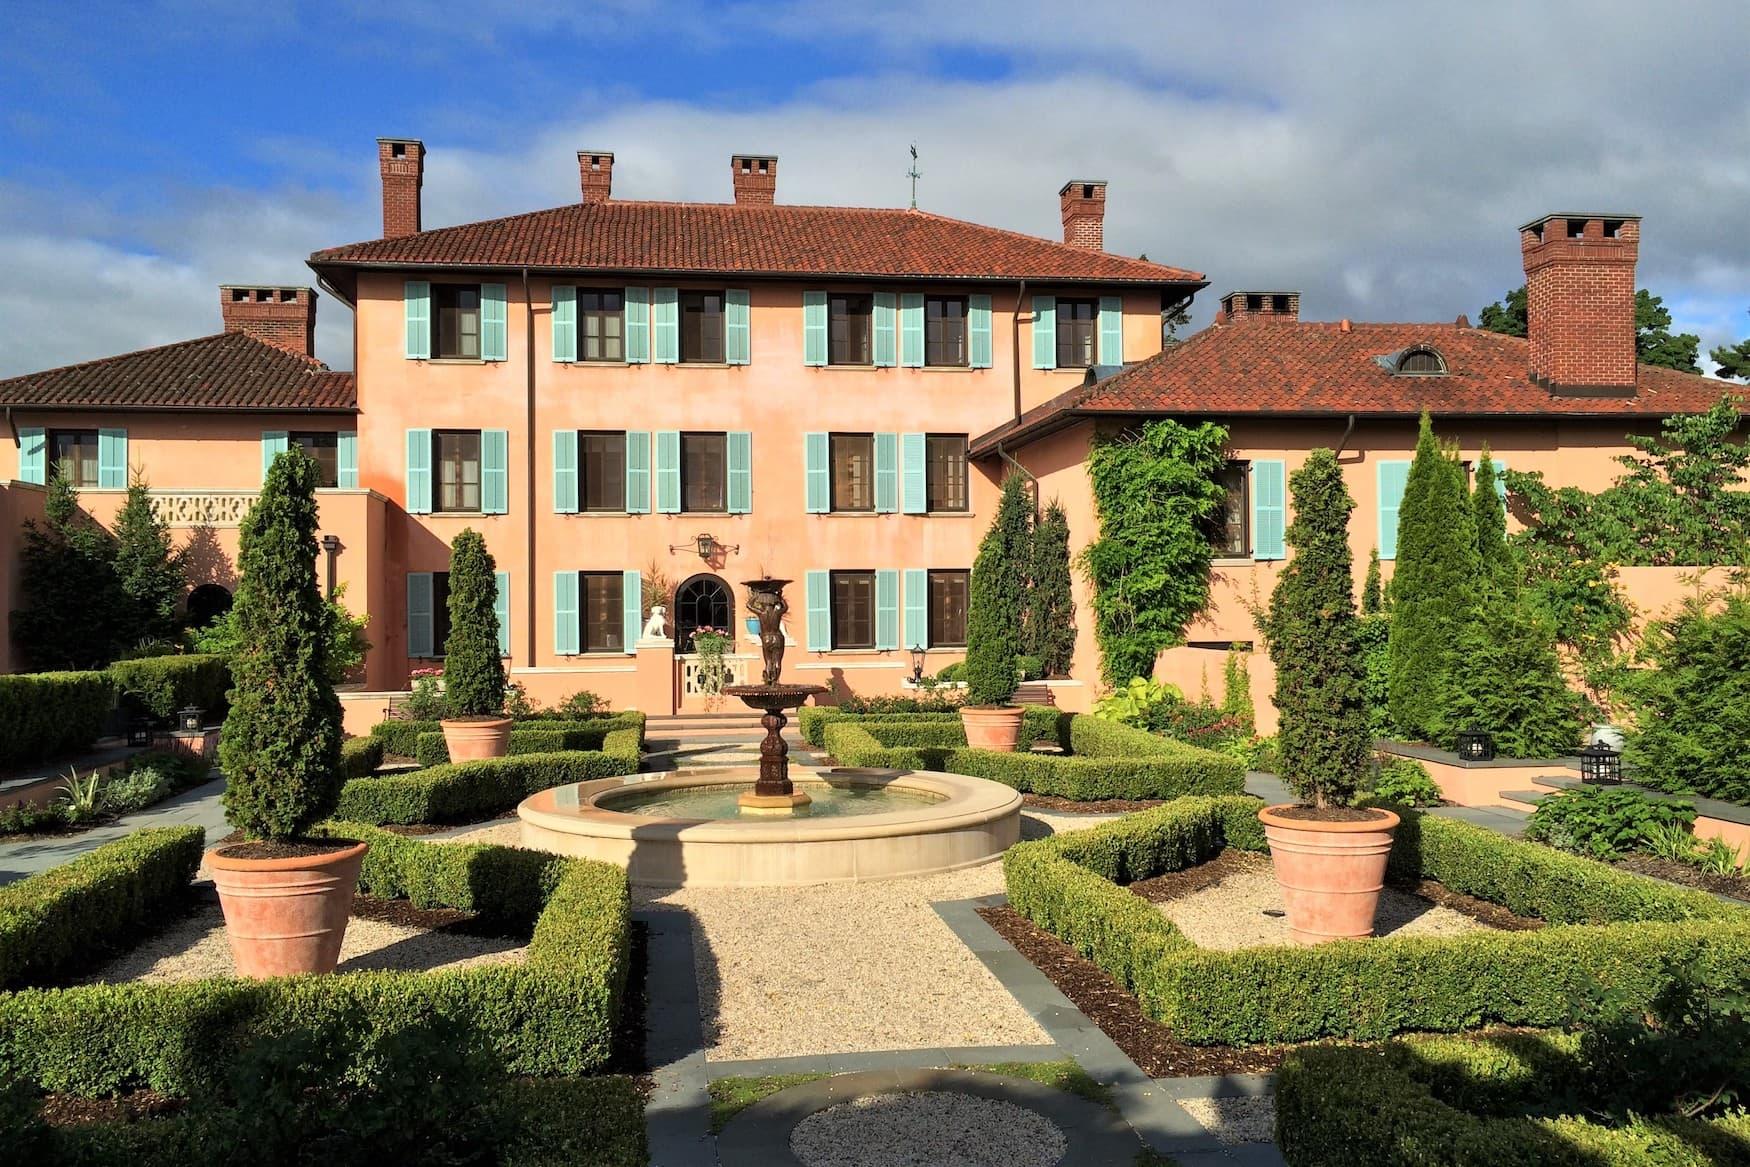 Außenfassade der Glenmere Mansion, einer Luxusunterkunft im Hudson Valley